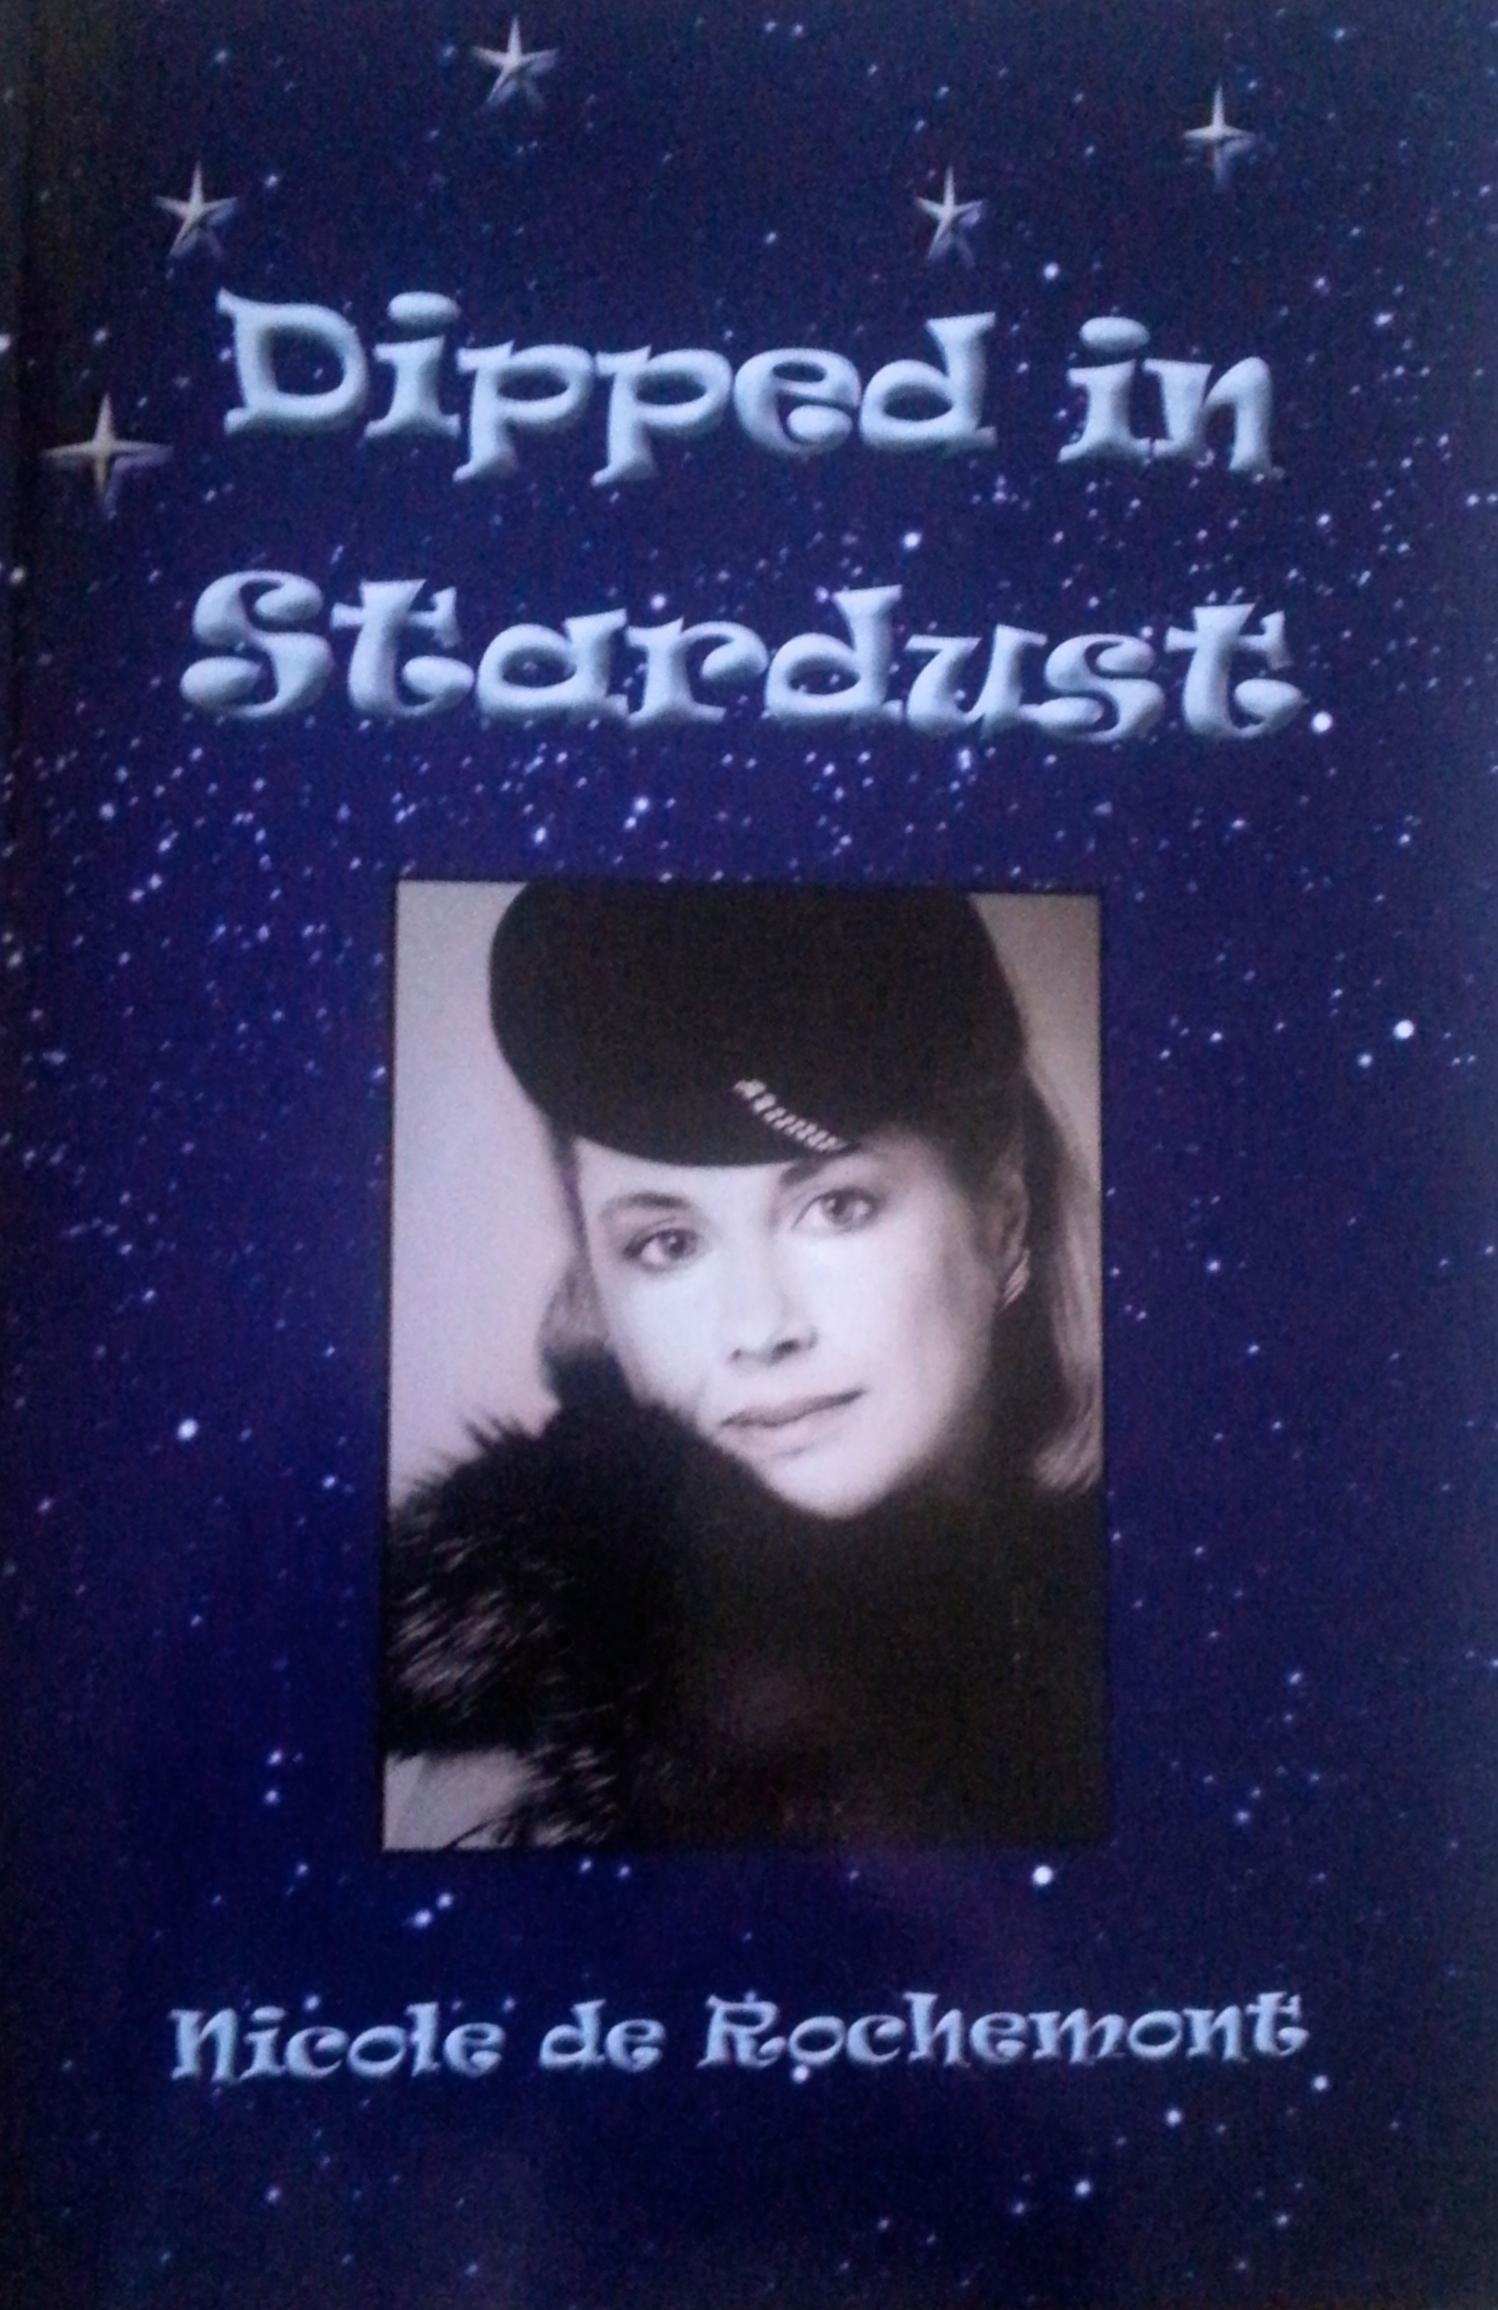 Dipped in Stardust Nicole de Rochemont